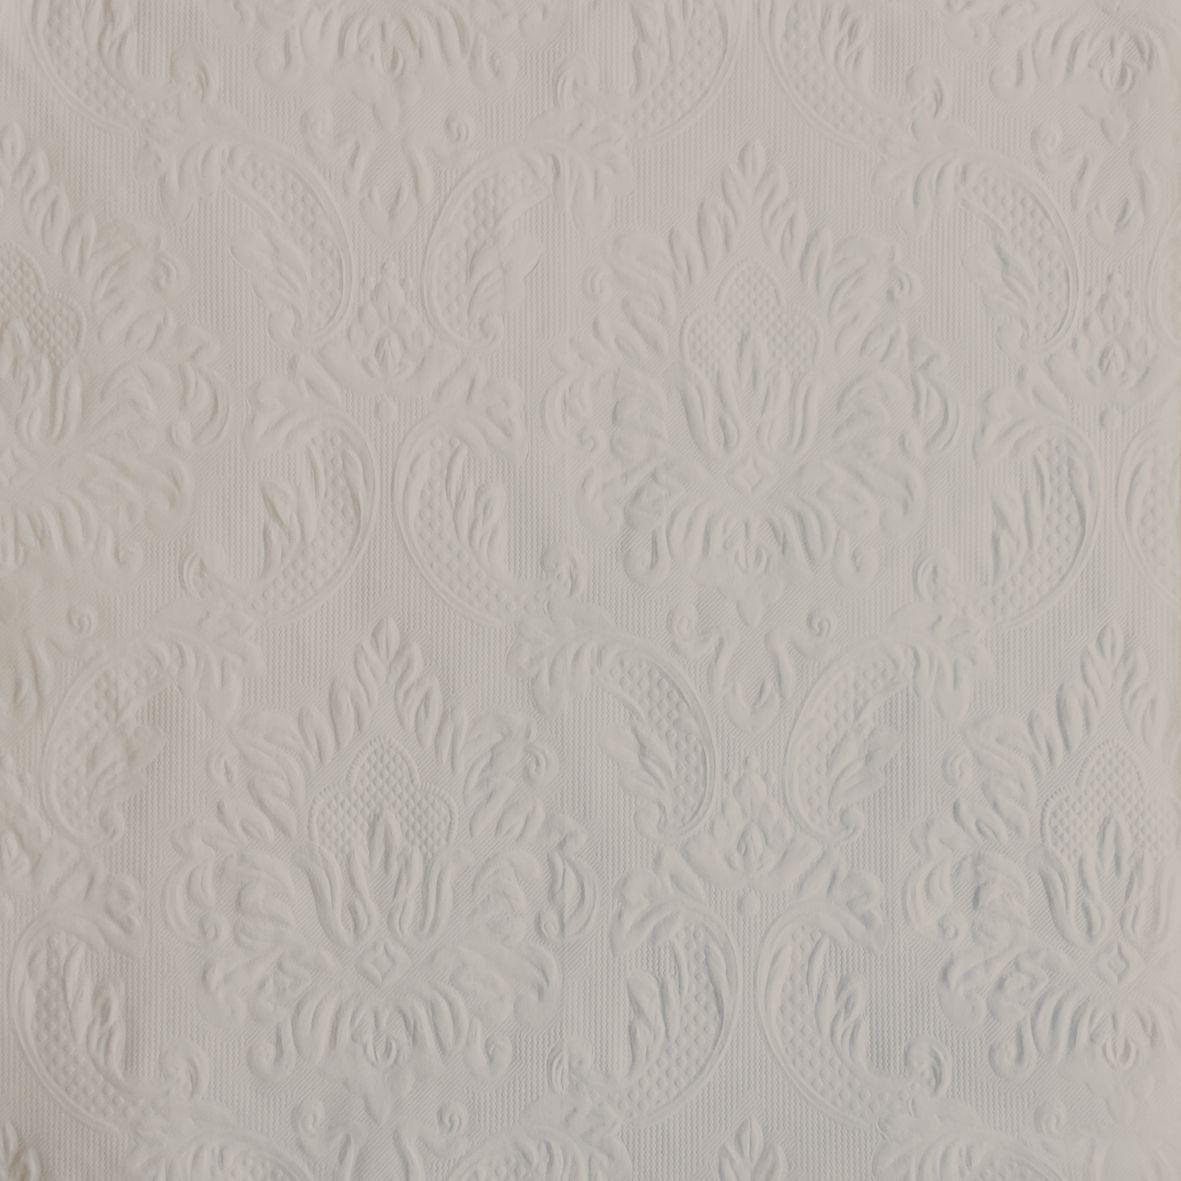 Салфетки бумажные Duni, 3-слойные, с тиснением, цвет: серый, 33 х 33 см, 20 шт170906Трехслойные бумажные салфетки изготовлены из экологически чистого, высококачественного сырья - 100% целлюлозы. Салфетки выполнены в оригинальном и современном стиле, прекрасно сочетаются с любым интерьером и всегда будут прекрасным и незаменимым украшением стола.